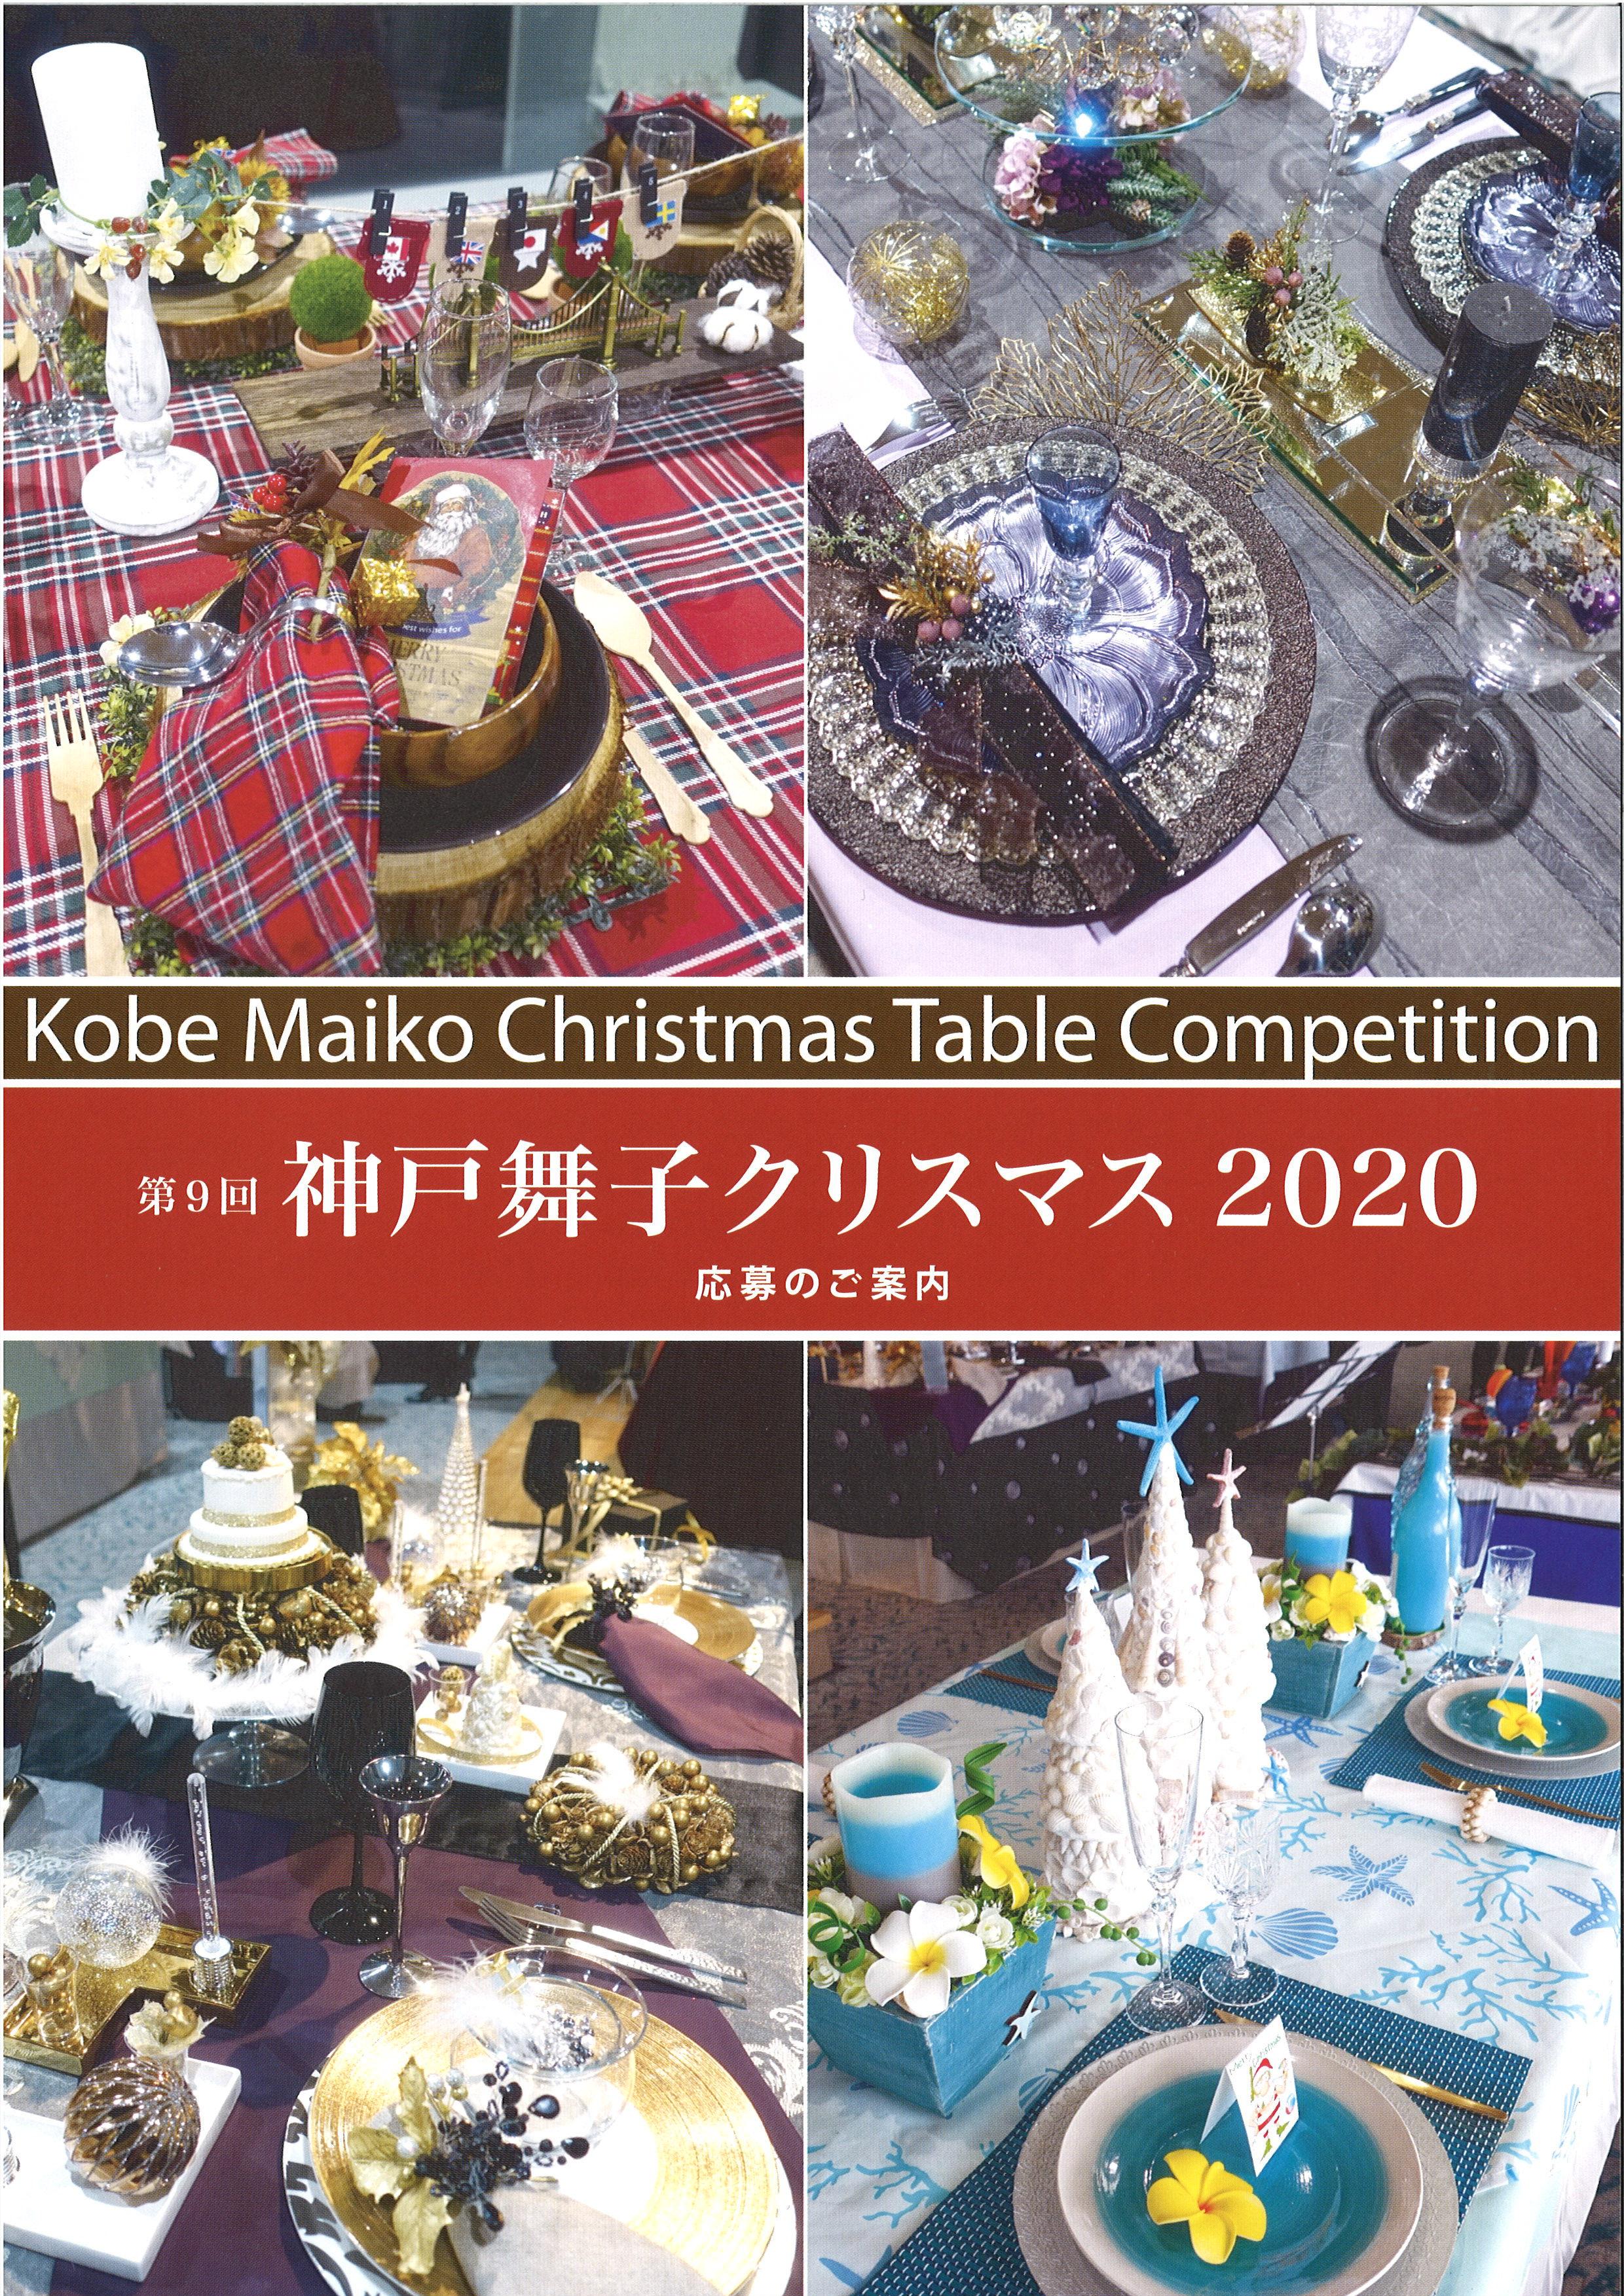 第9回神戸舞子クリスマス テーブルコーディネート応募申込み開始のアイキャッチ